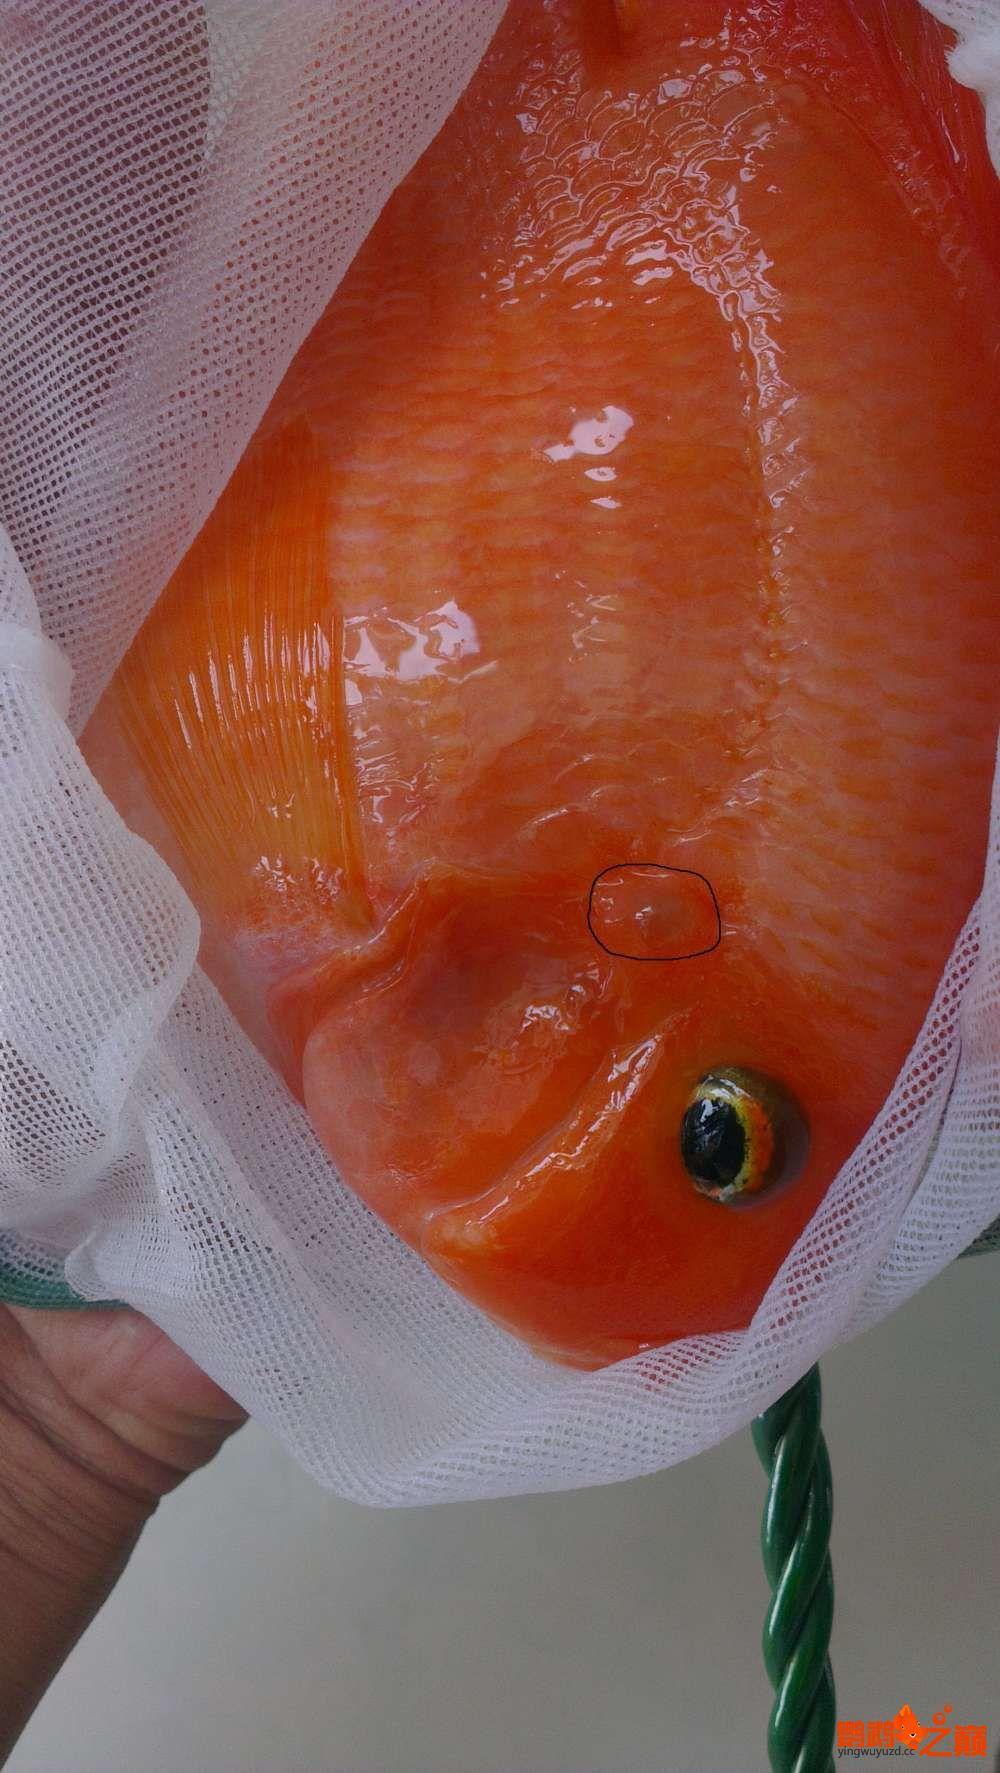 帮看看是头洞病吗? 北京观赏鱼 北京龙鱼第2张